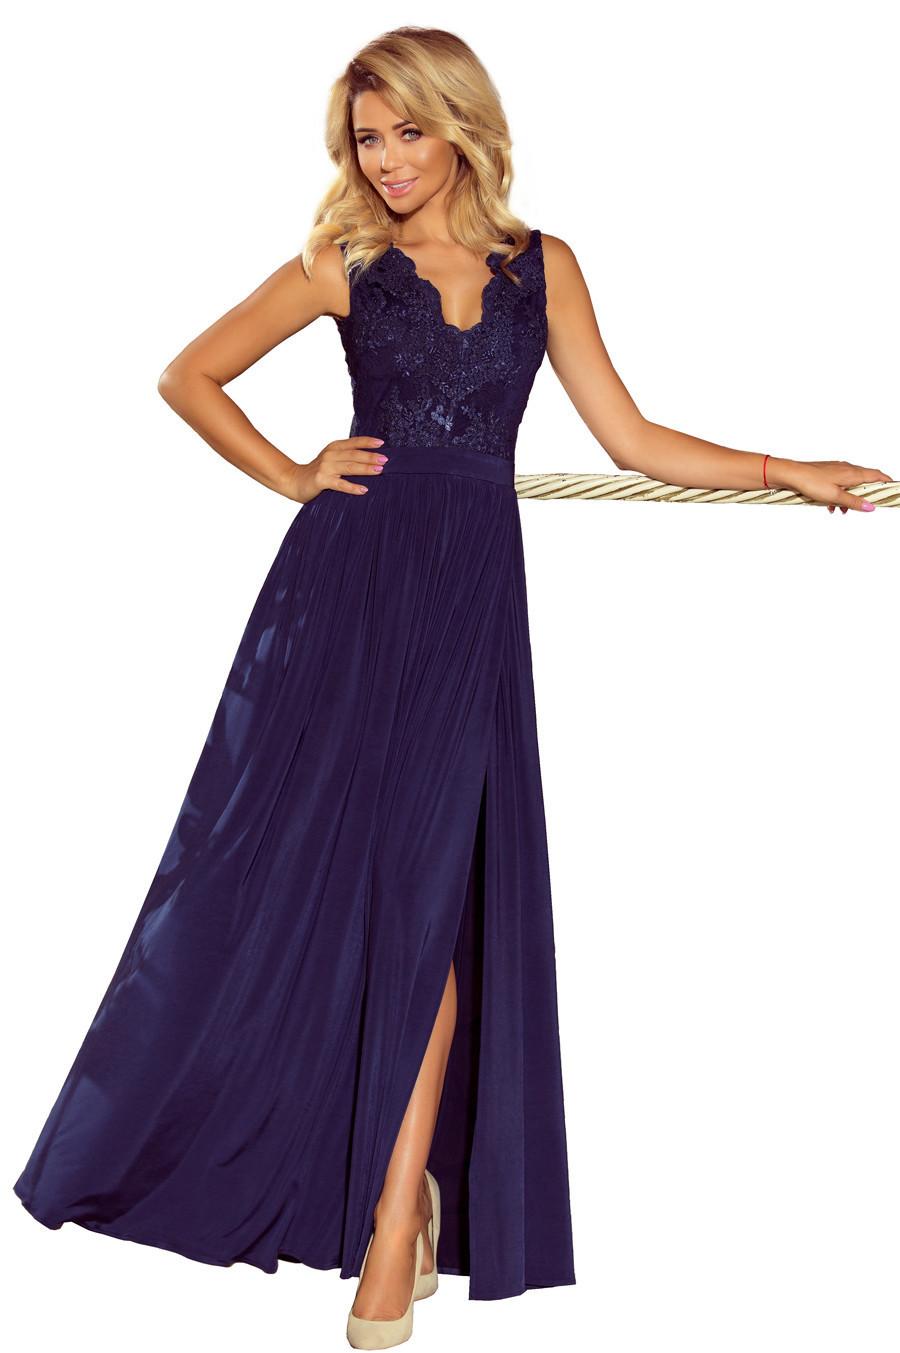 Společenské dámské šaty bez rukávů krajkové dlouhé - Tmavě modré XL